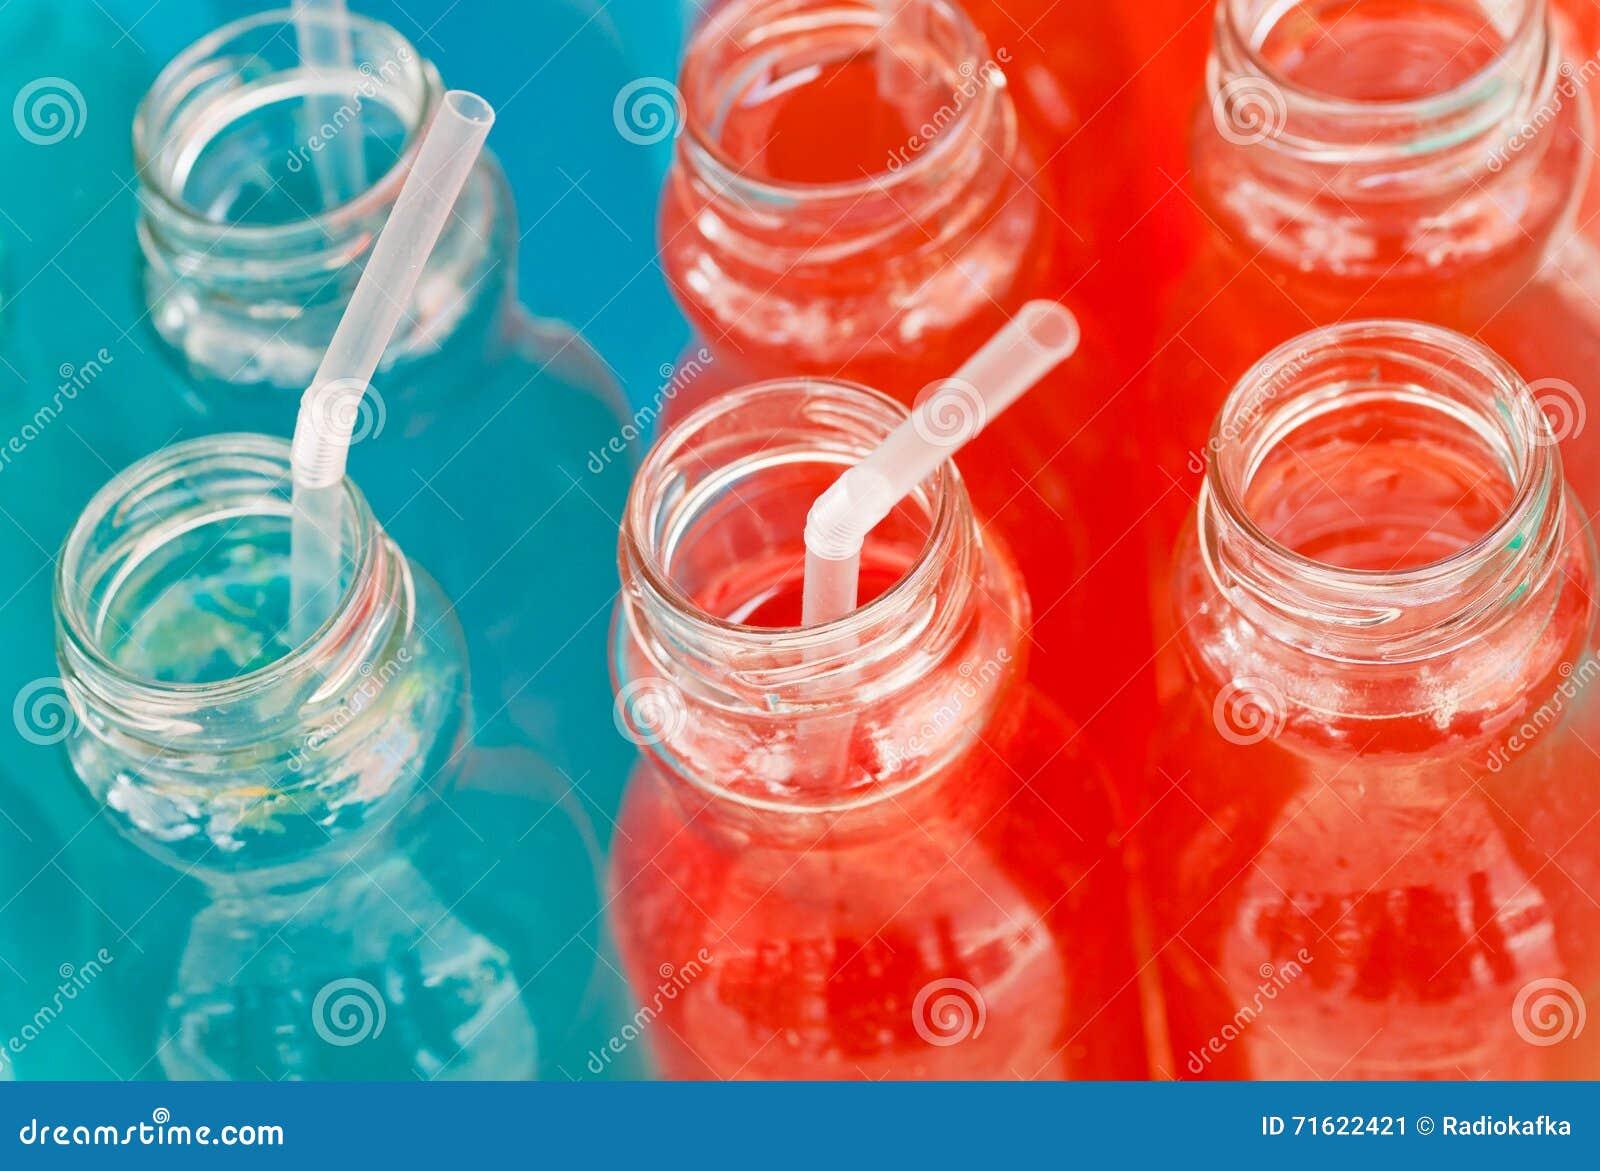 Cocktailrohre in den Krügen mit bunten Energied-clips mit den Sirup-, Roten und Blauenfarben